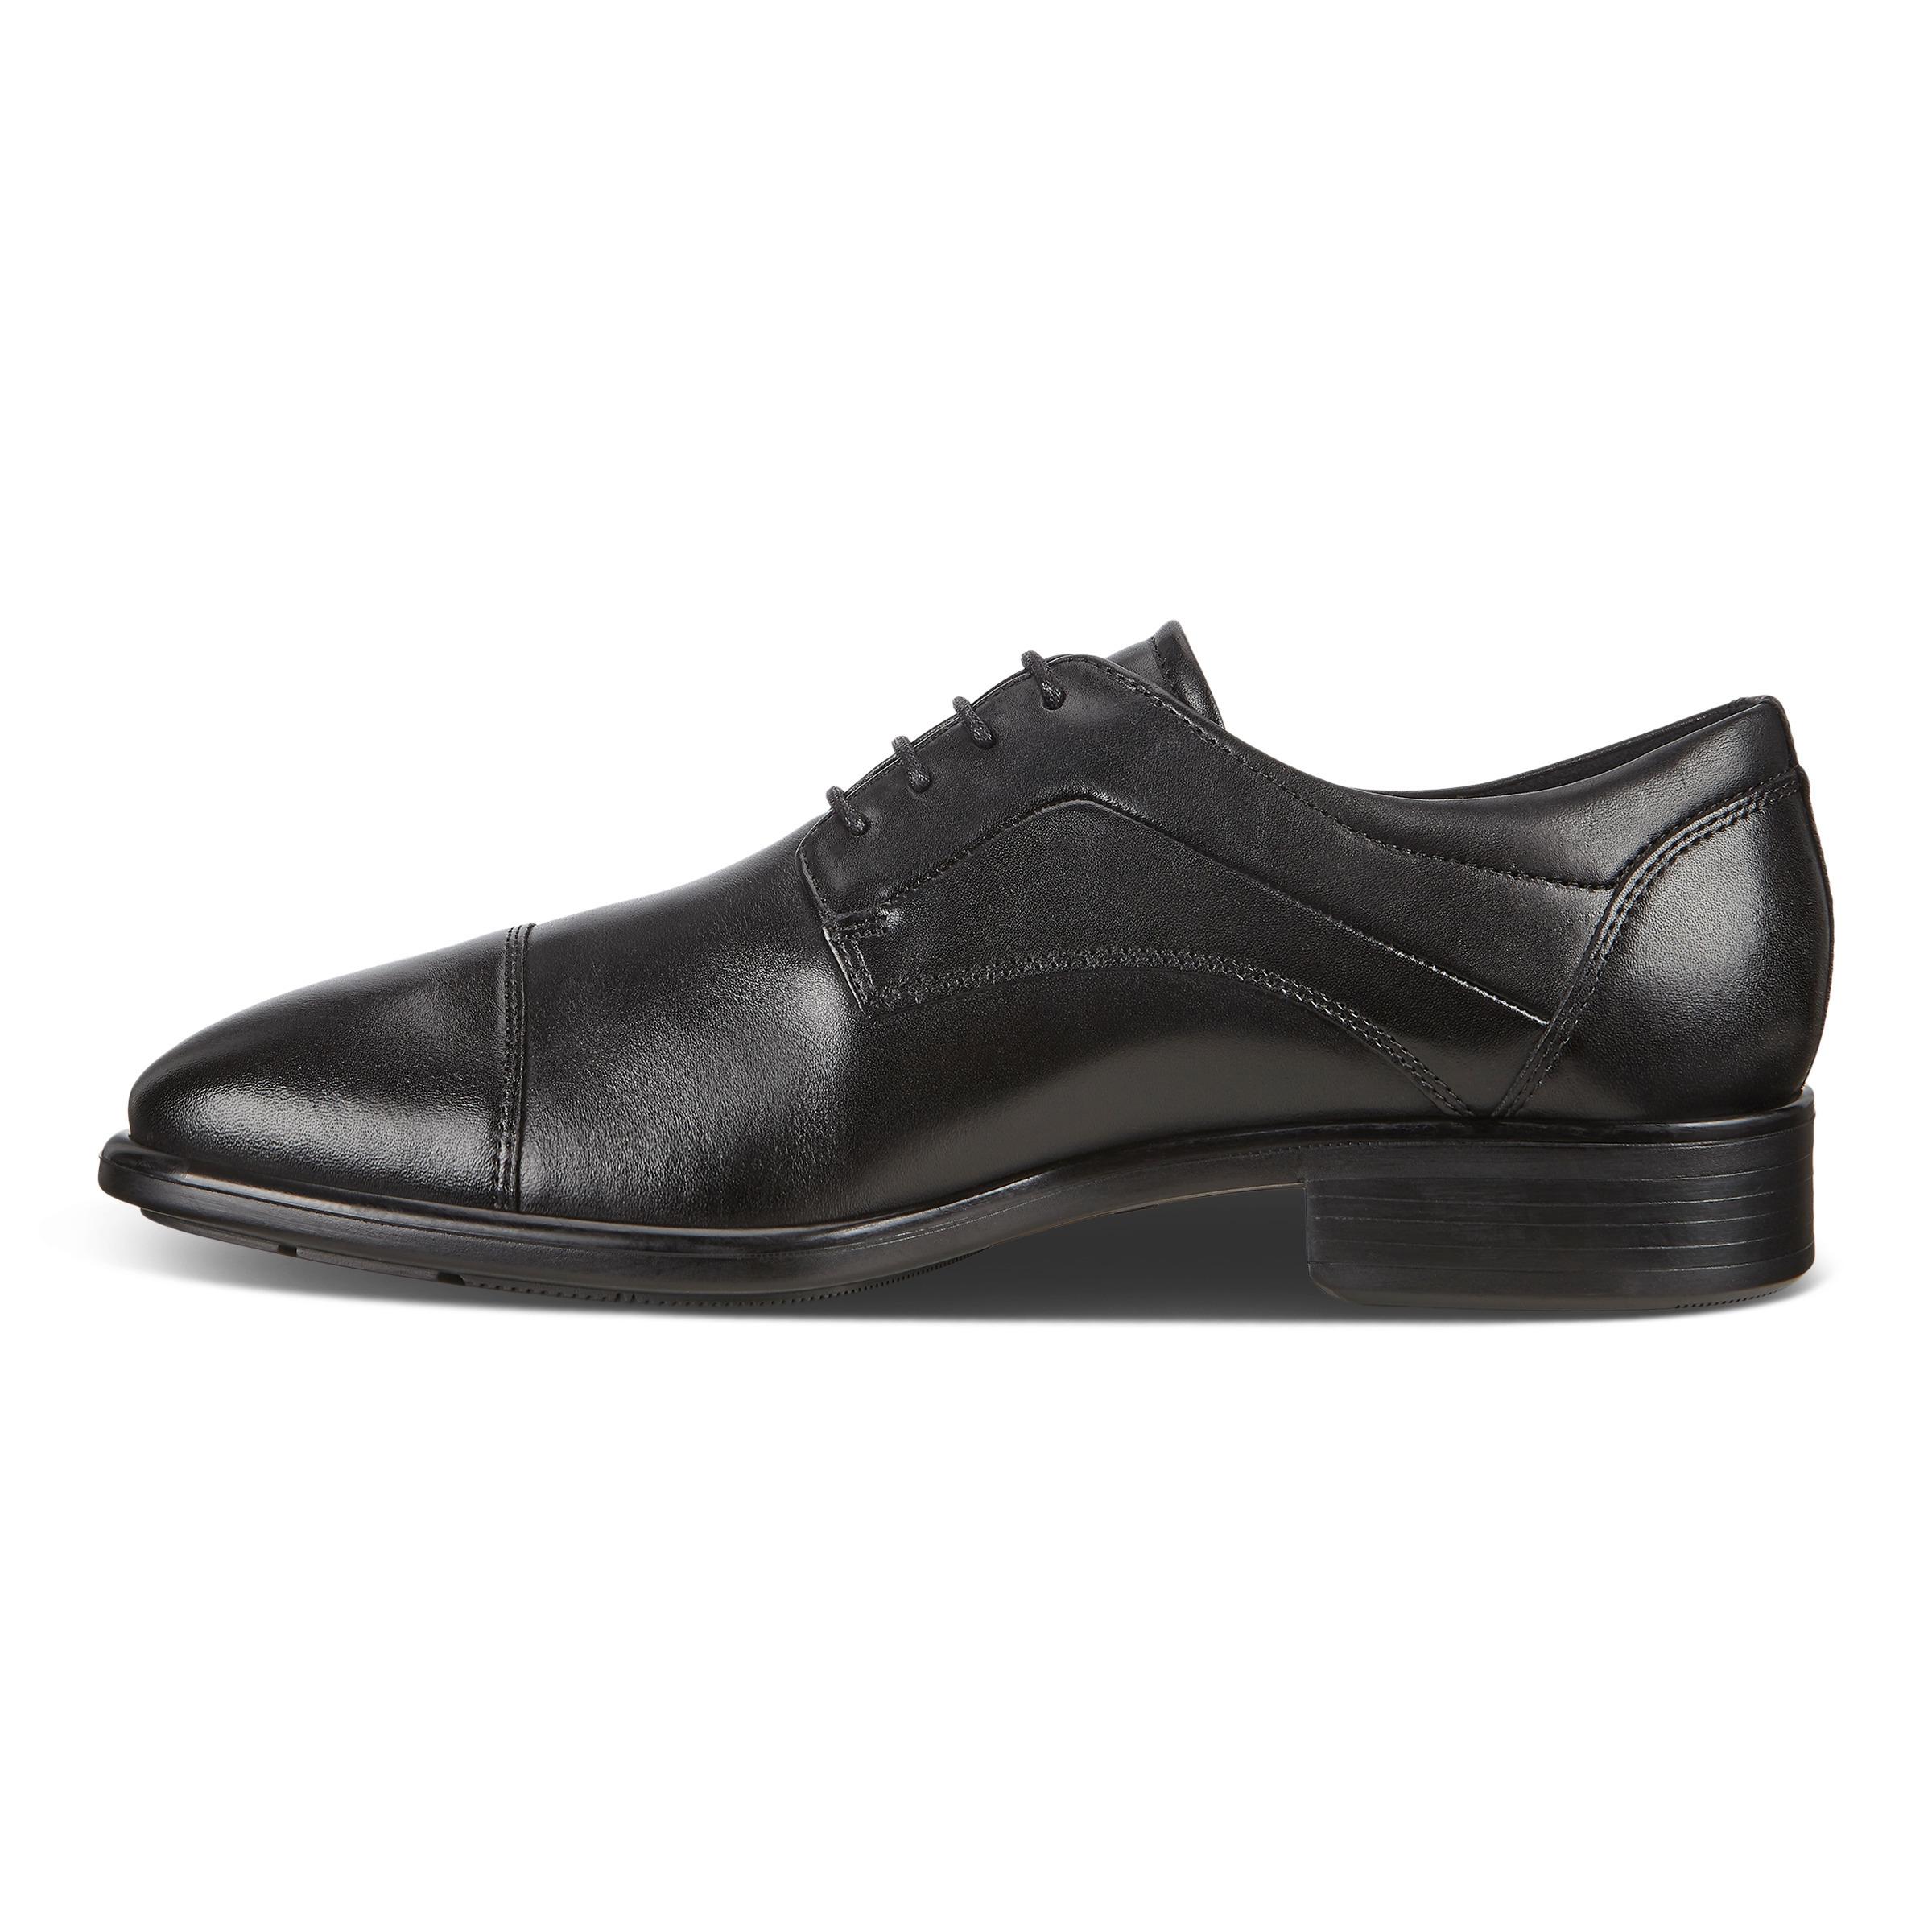 Ecco Citytray Oxford sko, black, 44